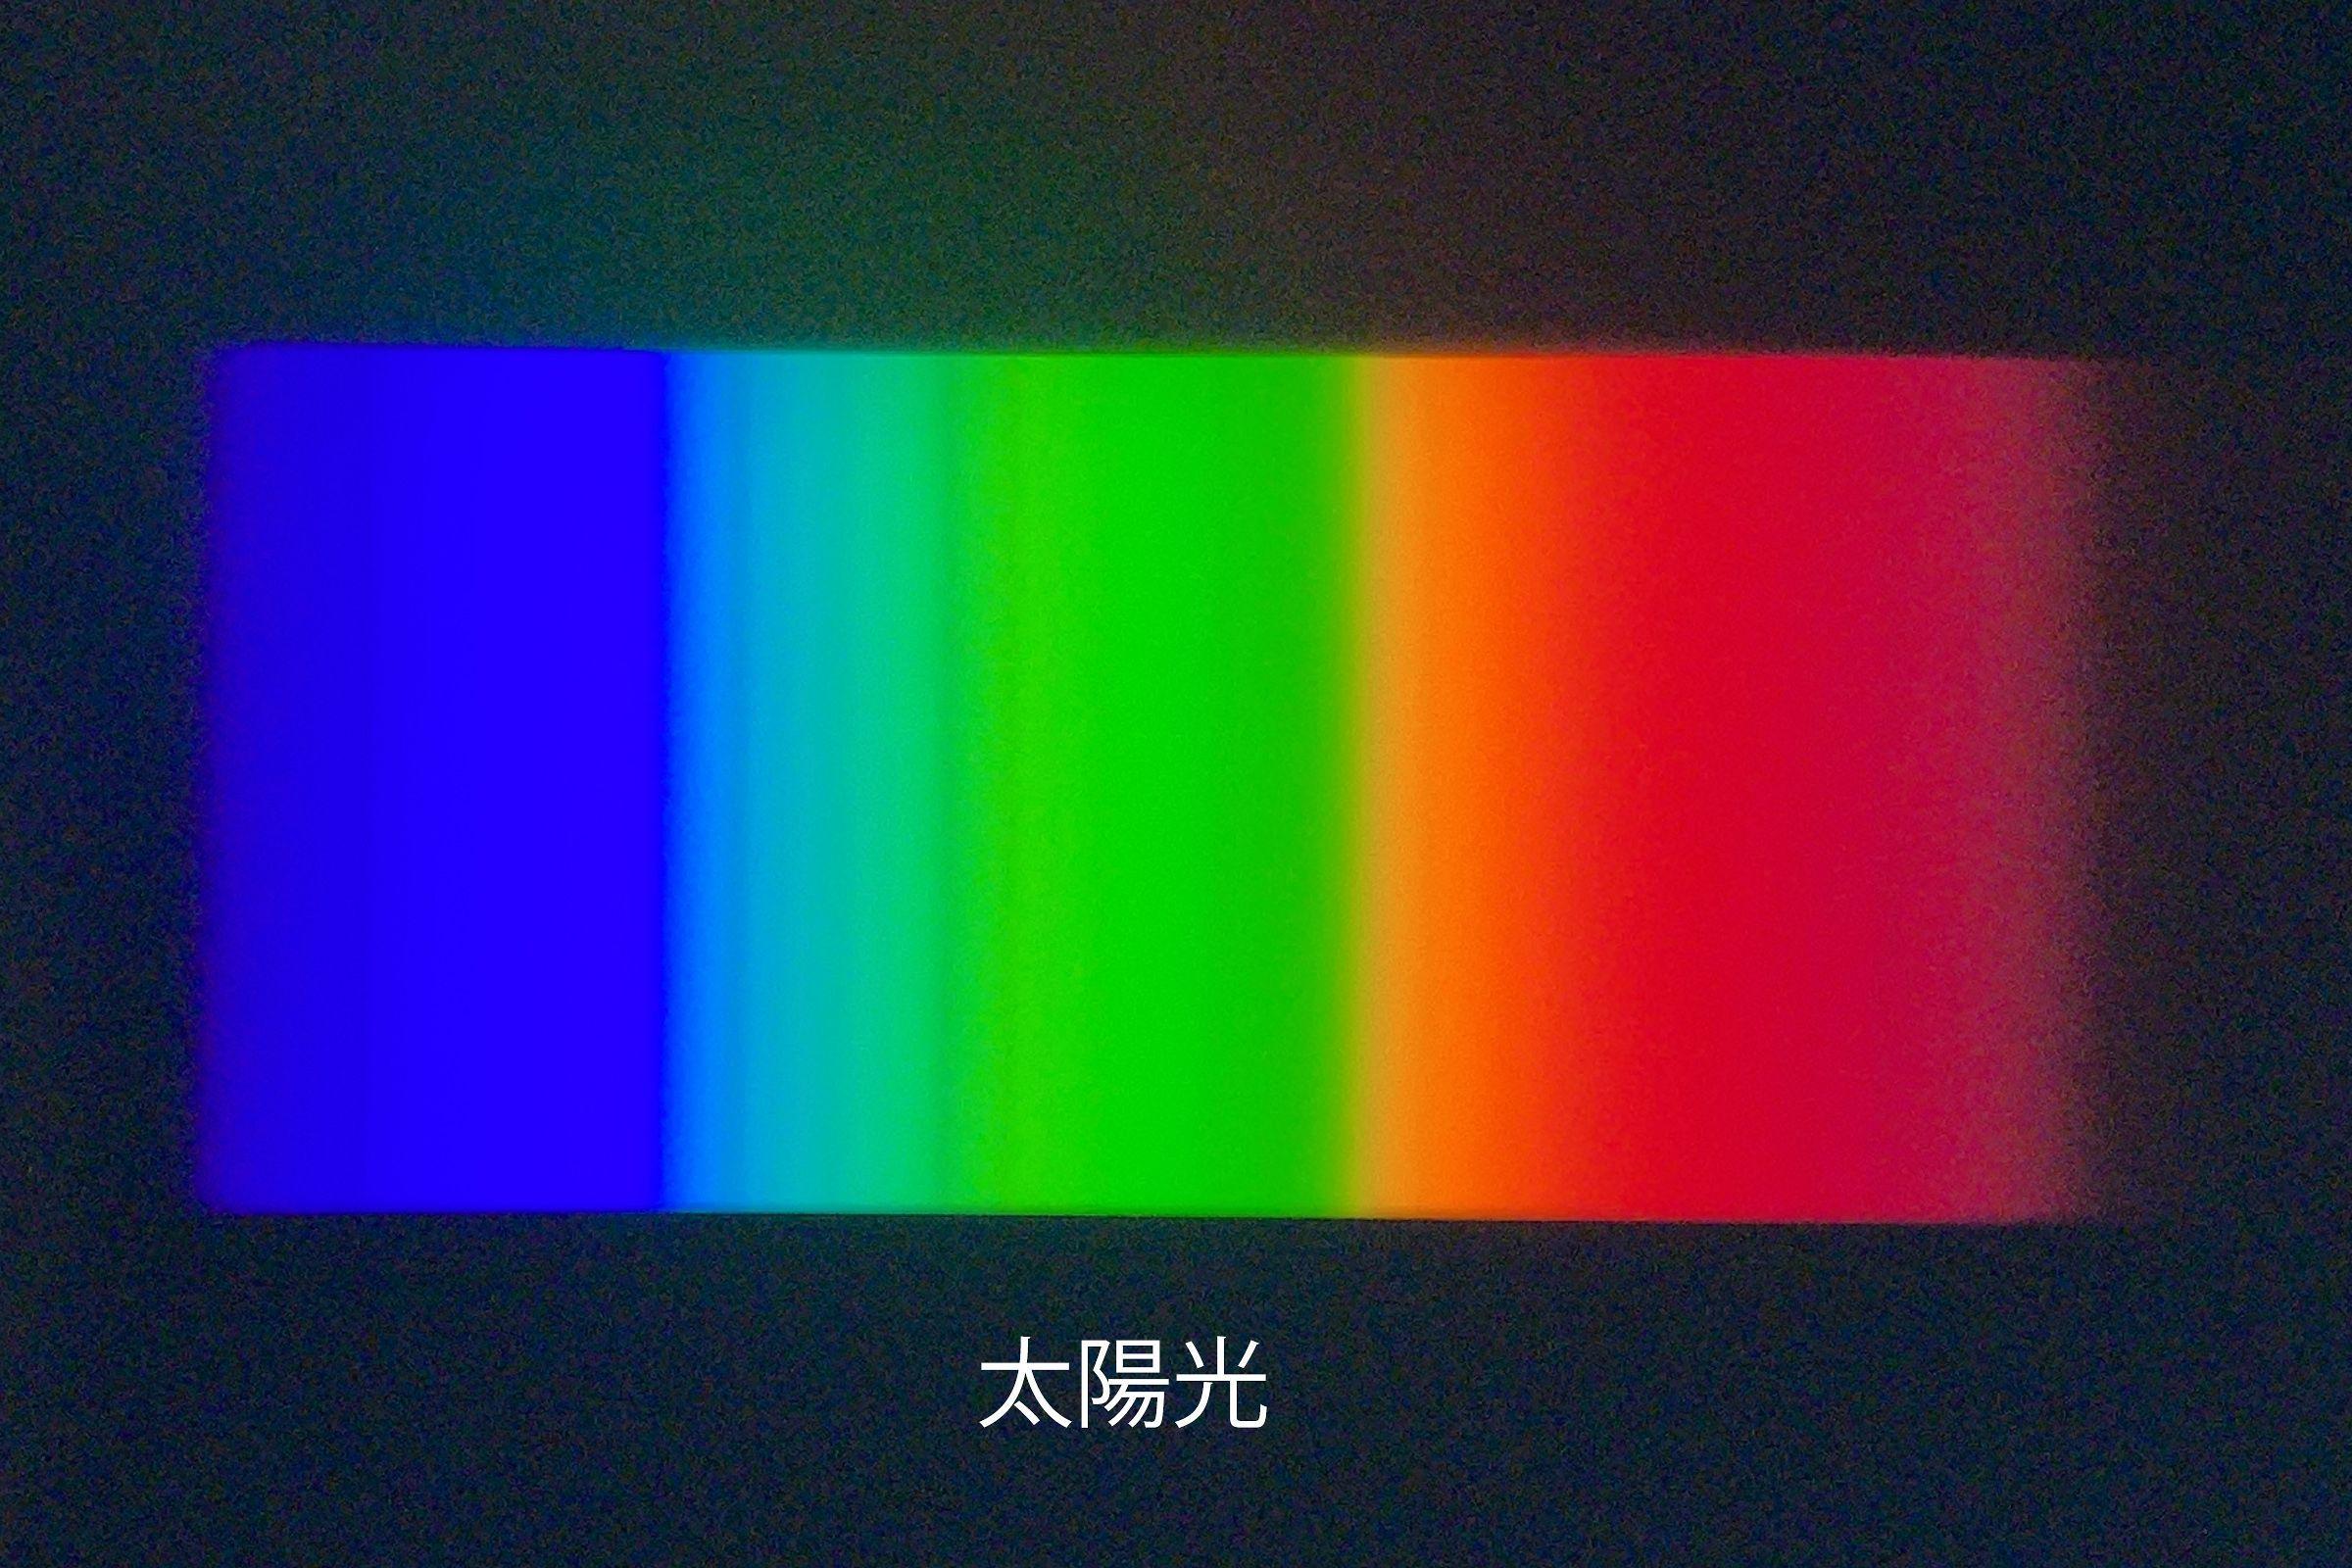 光源の分光観察。自宅の光害スペクトル_e0107605_16524736.jpg